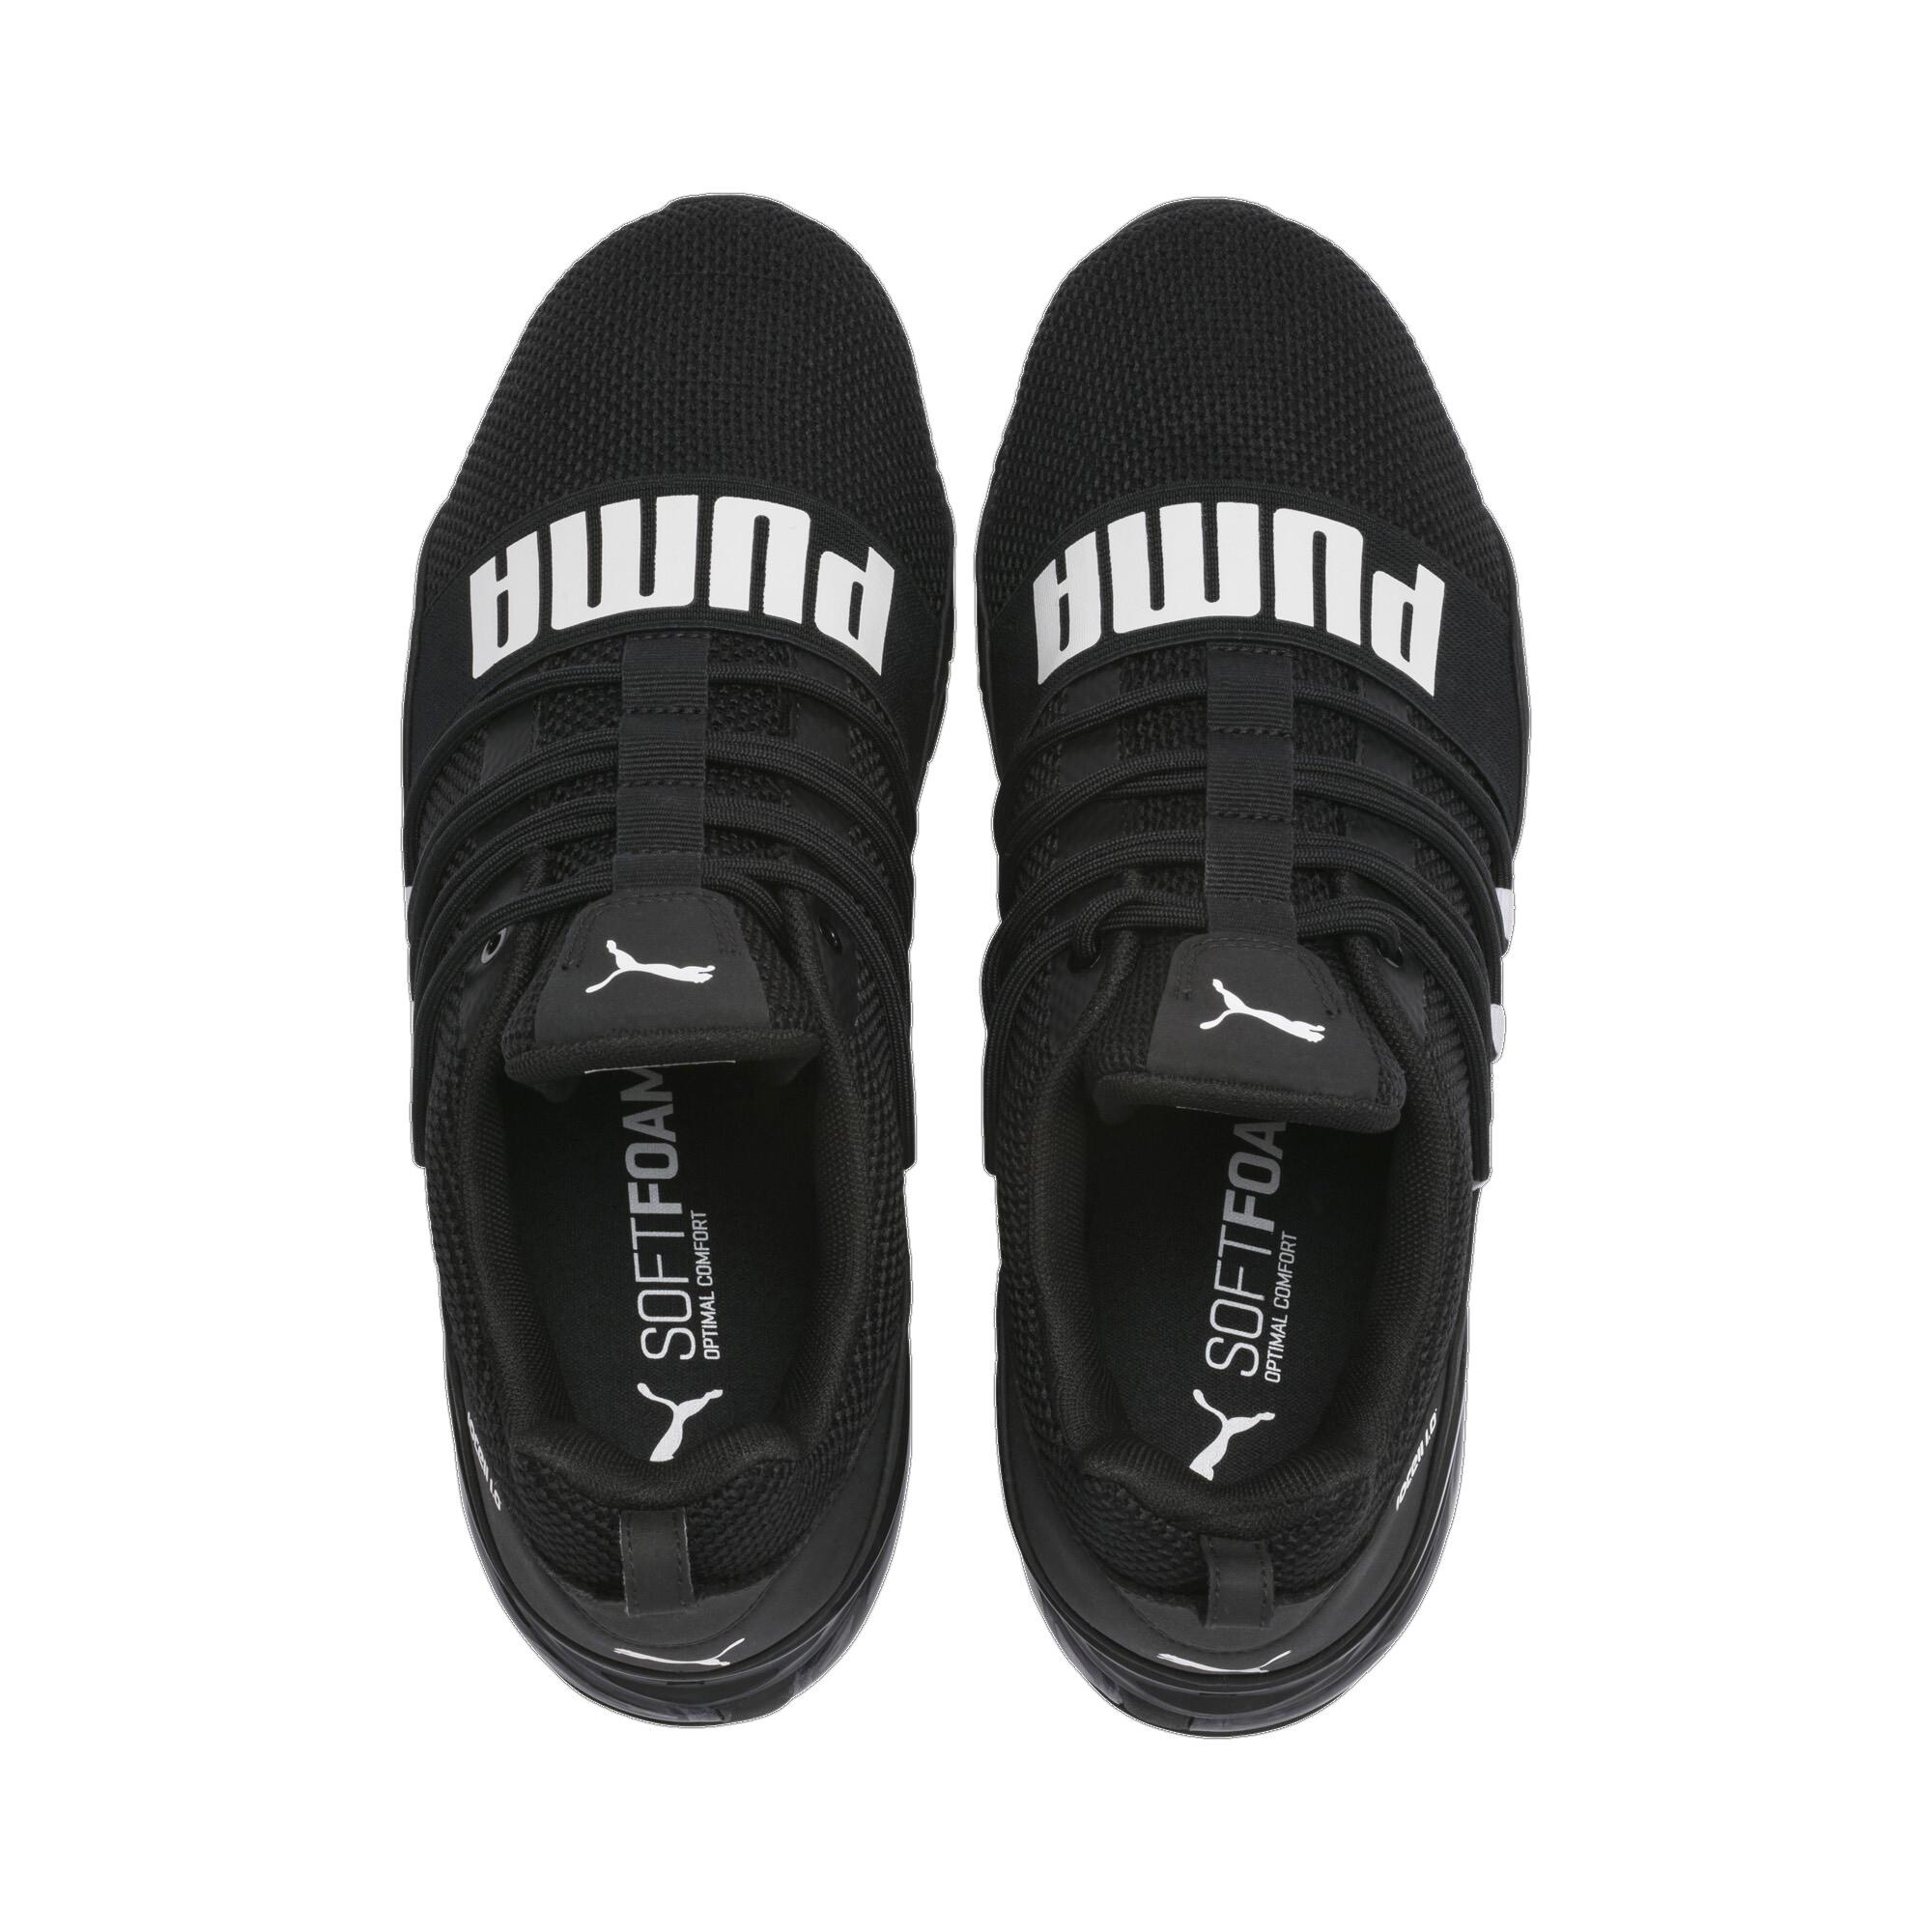 Zapatillas Cell Regulate Woven para hombre